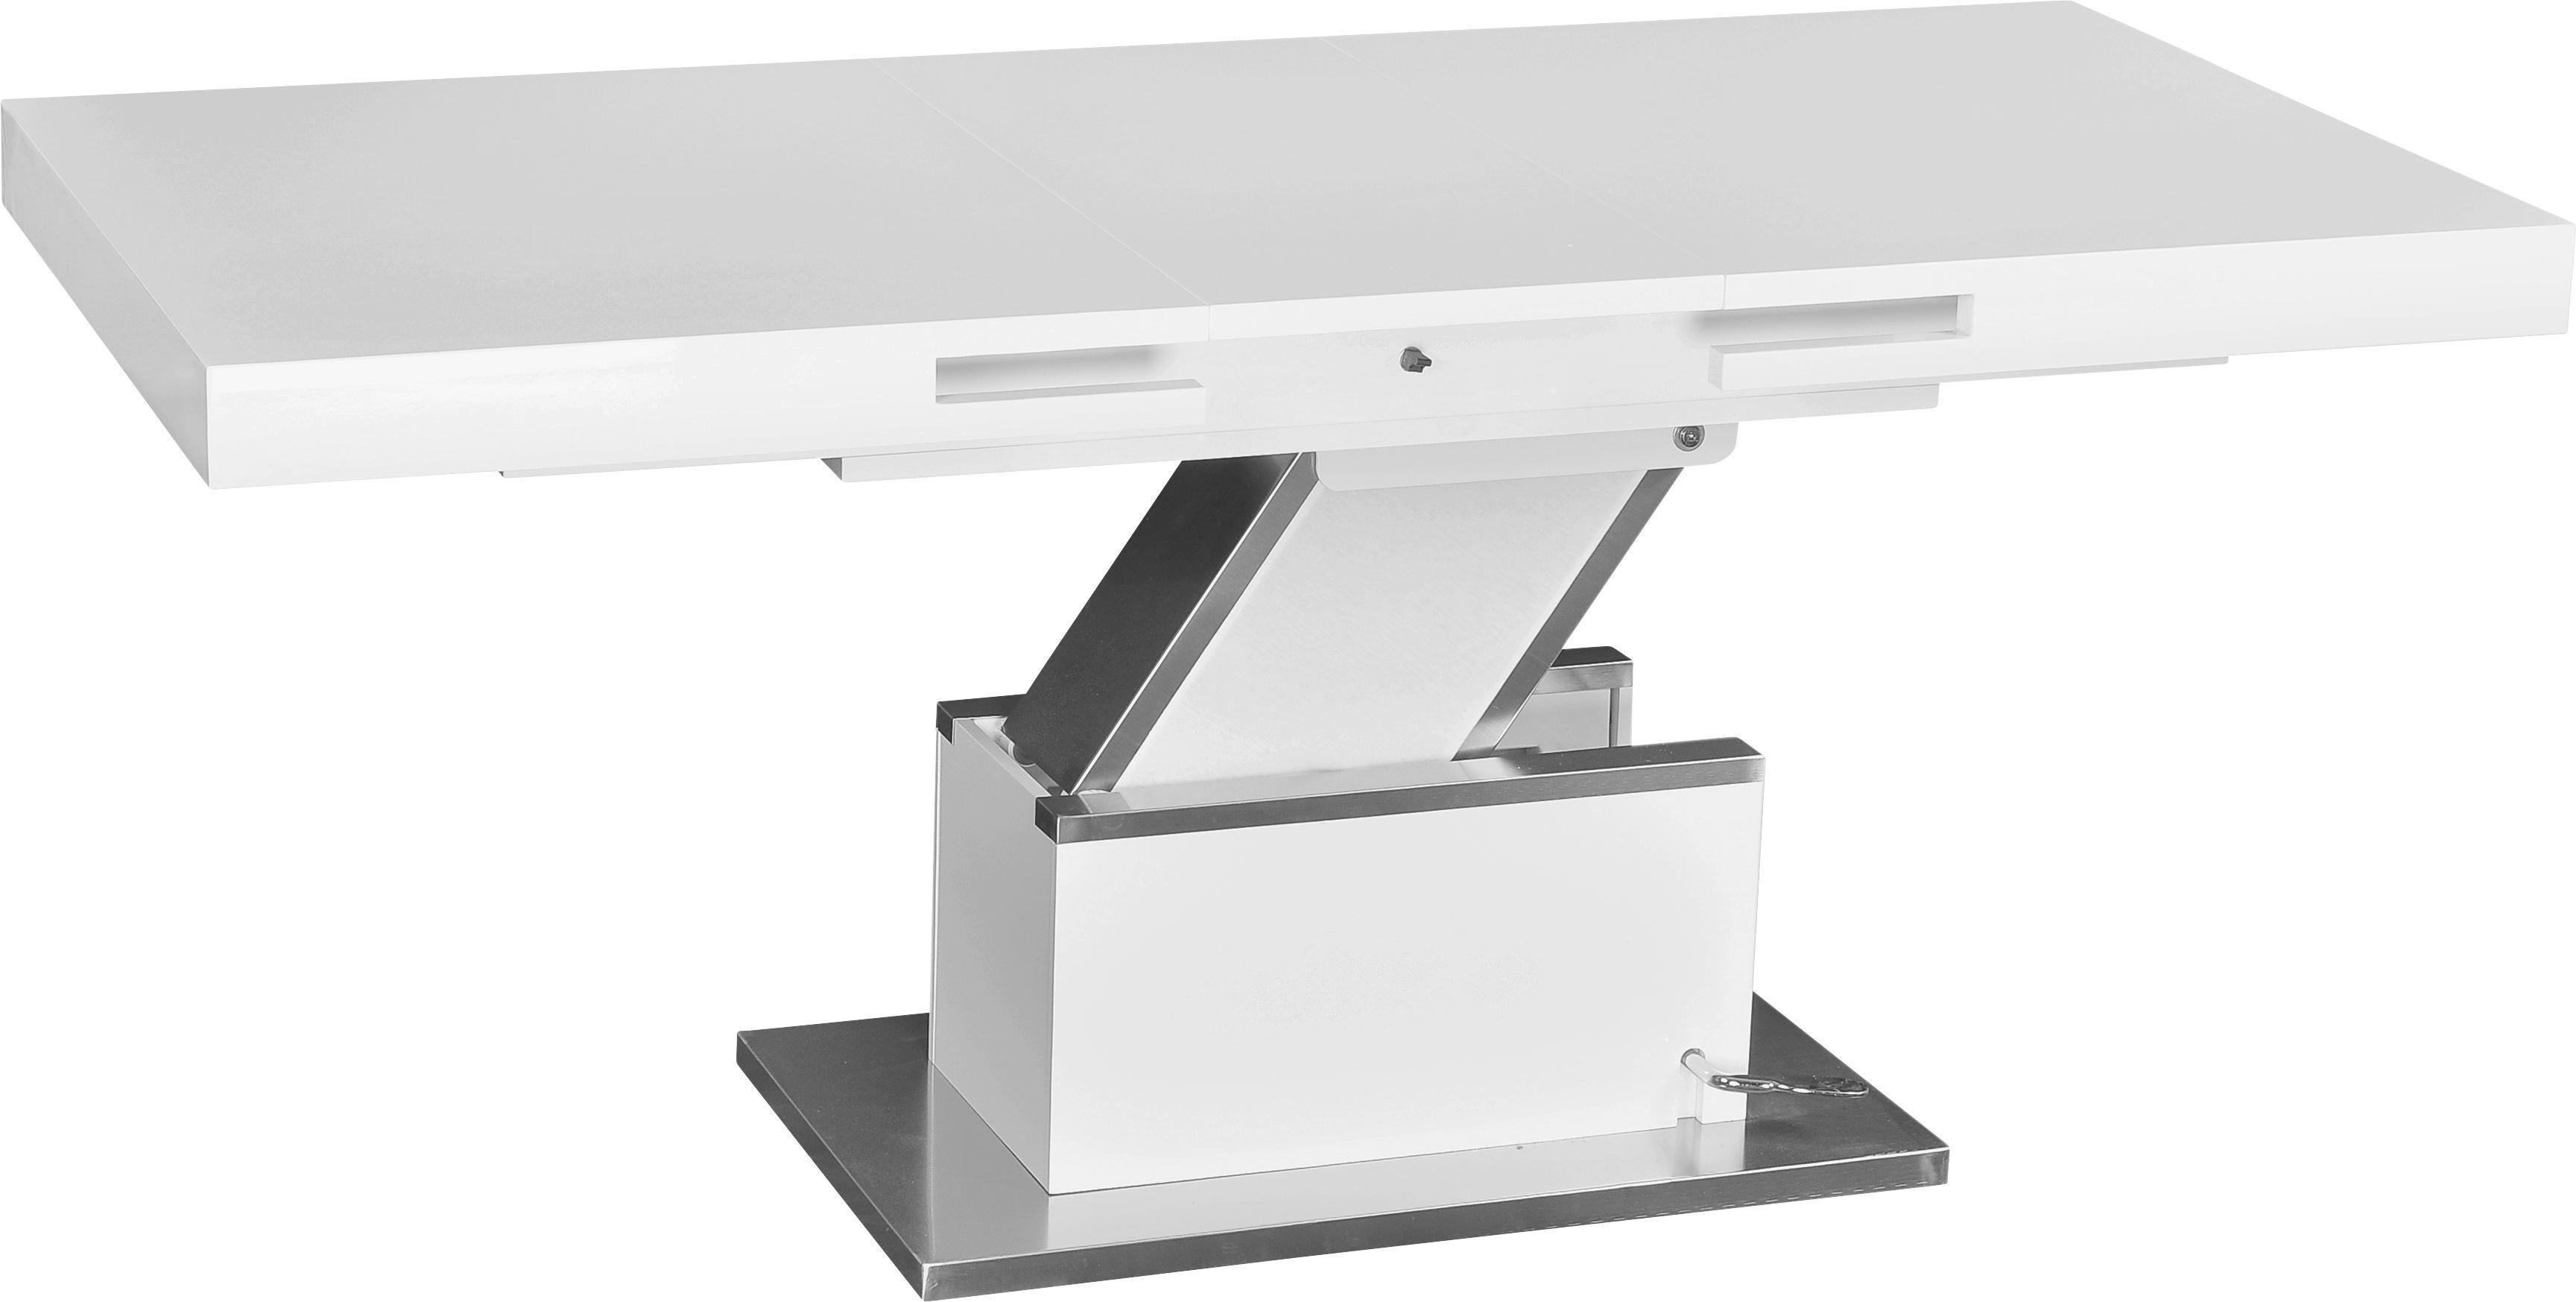 Couchtisch in Weiß - Edelstahlfarben/Weiß, MODERN, Holzwerkstoff/Metall (133/170/47,5/75/80cm) - PREMIUM LIVING